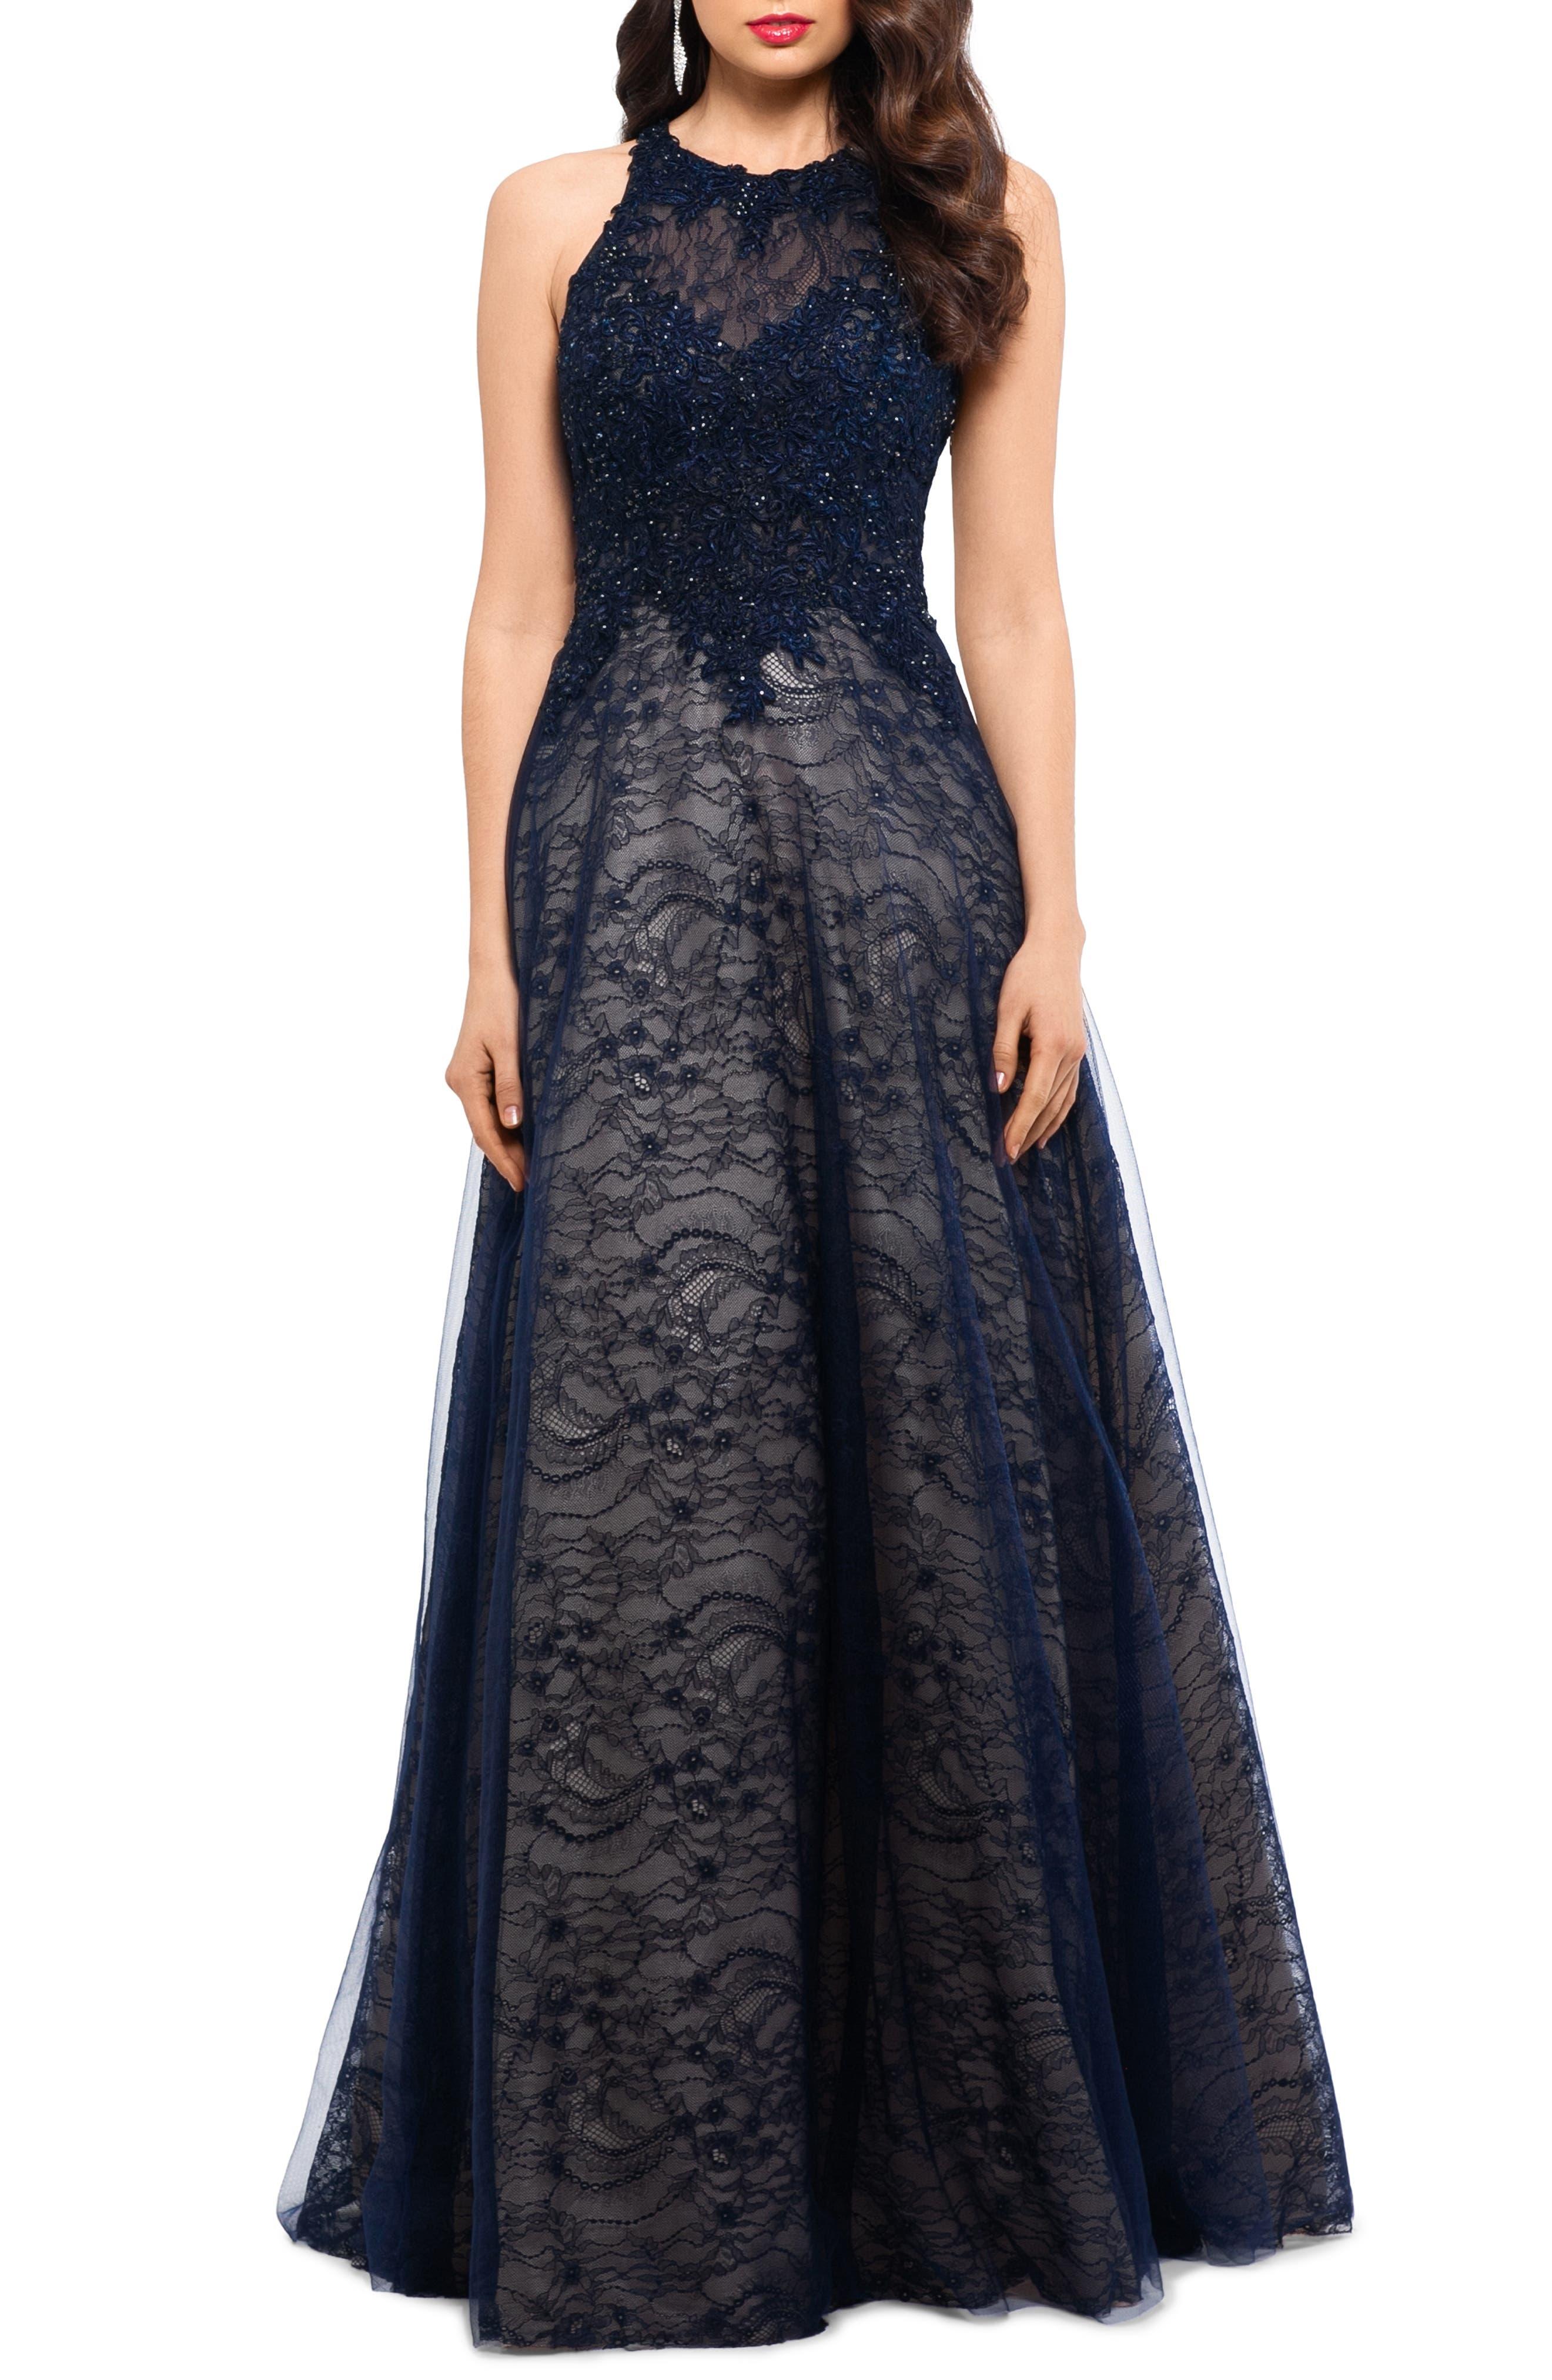 Jeweled Embellished Party Dress UK